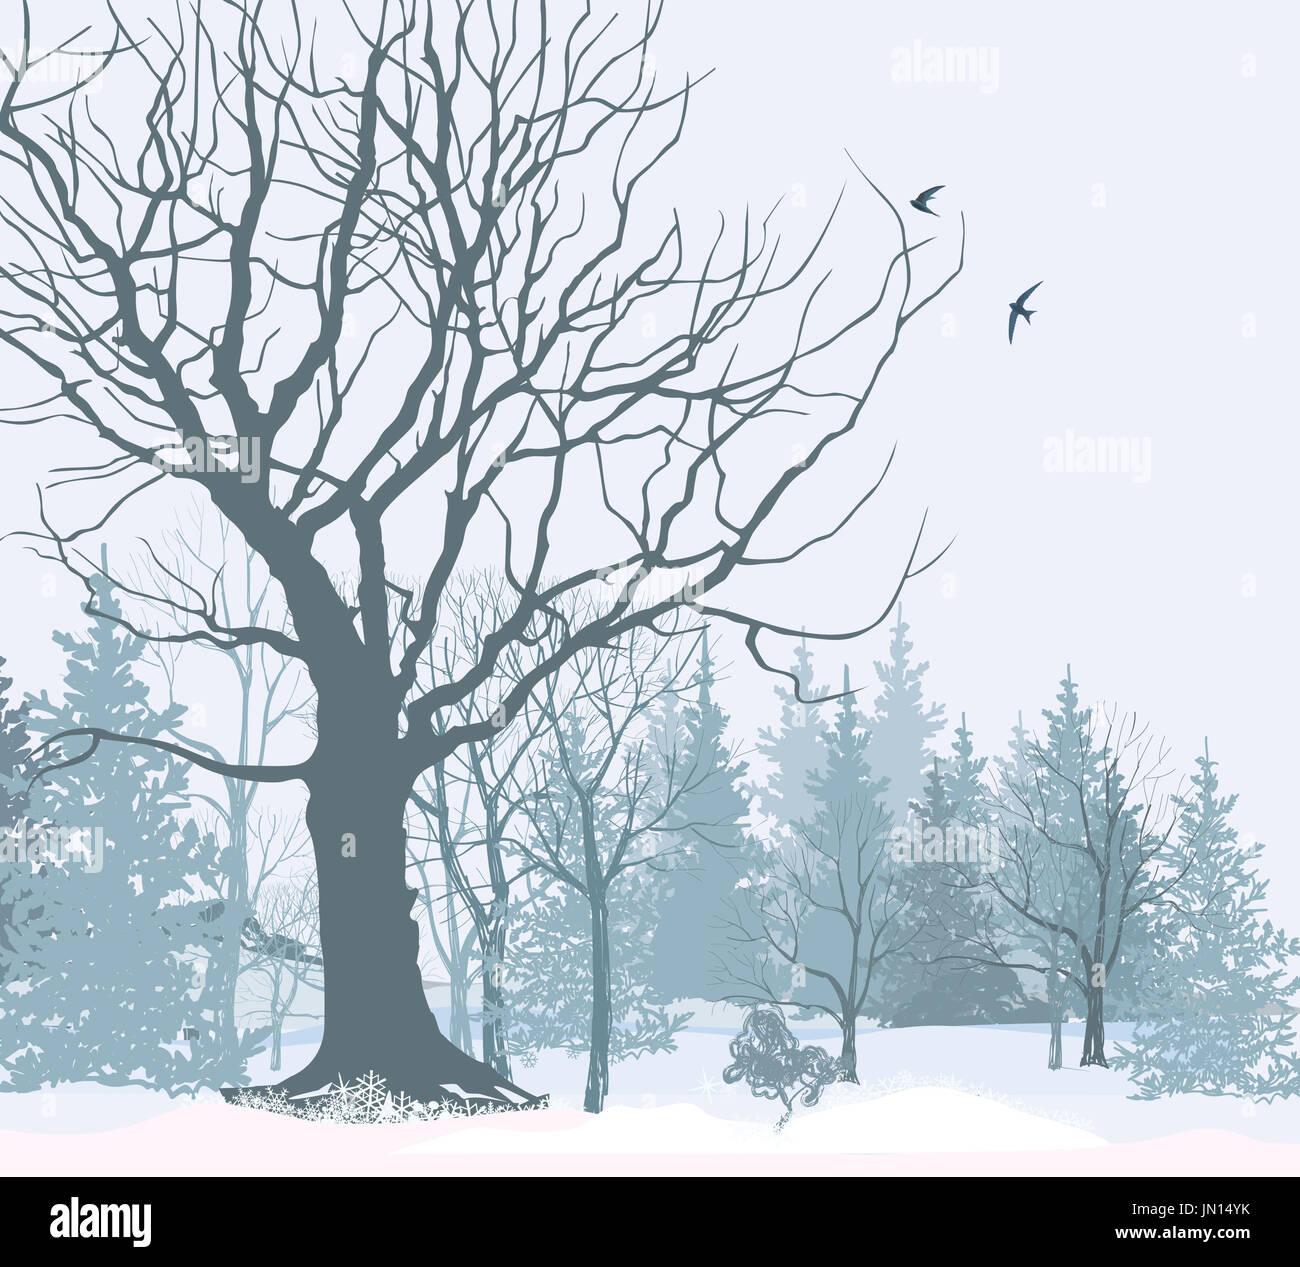 Weihnachten Schnee Landschaft Wallpaper. Verschneiten Wald ...